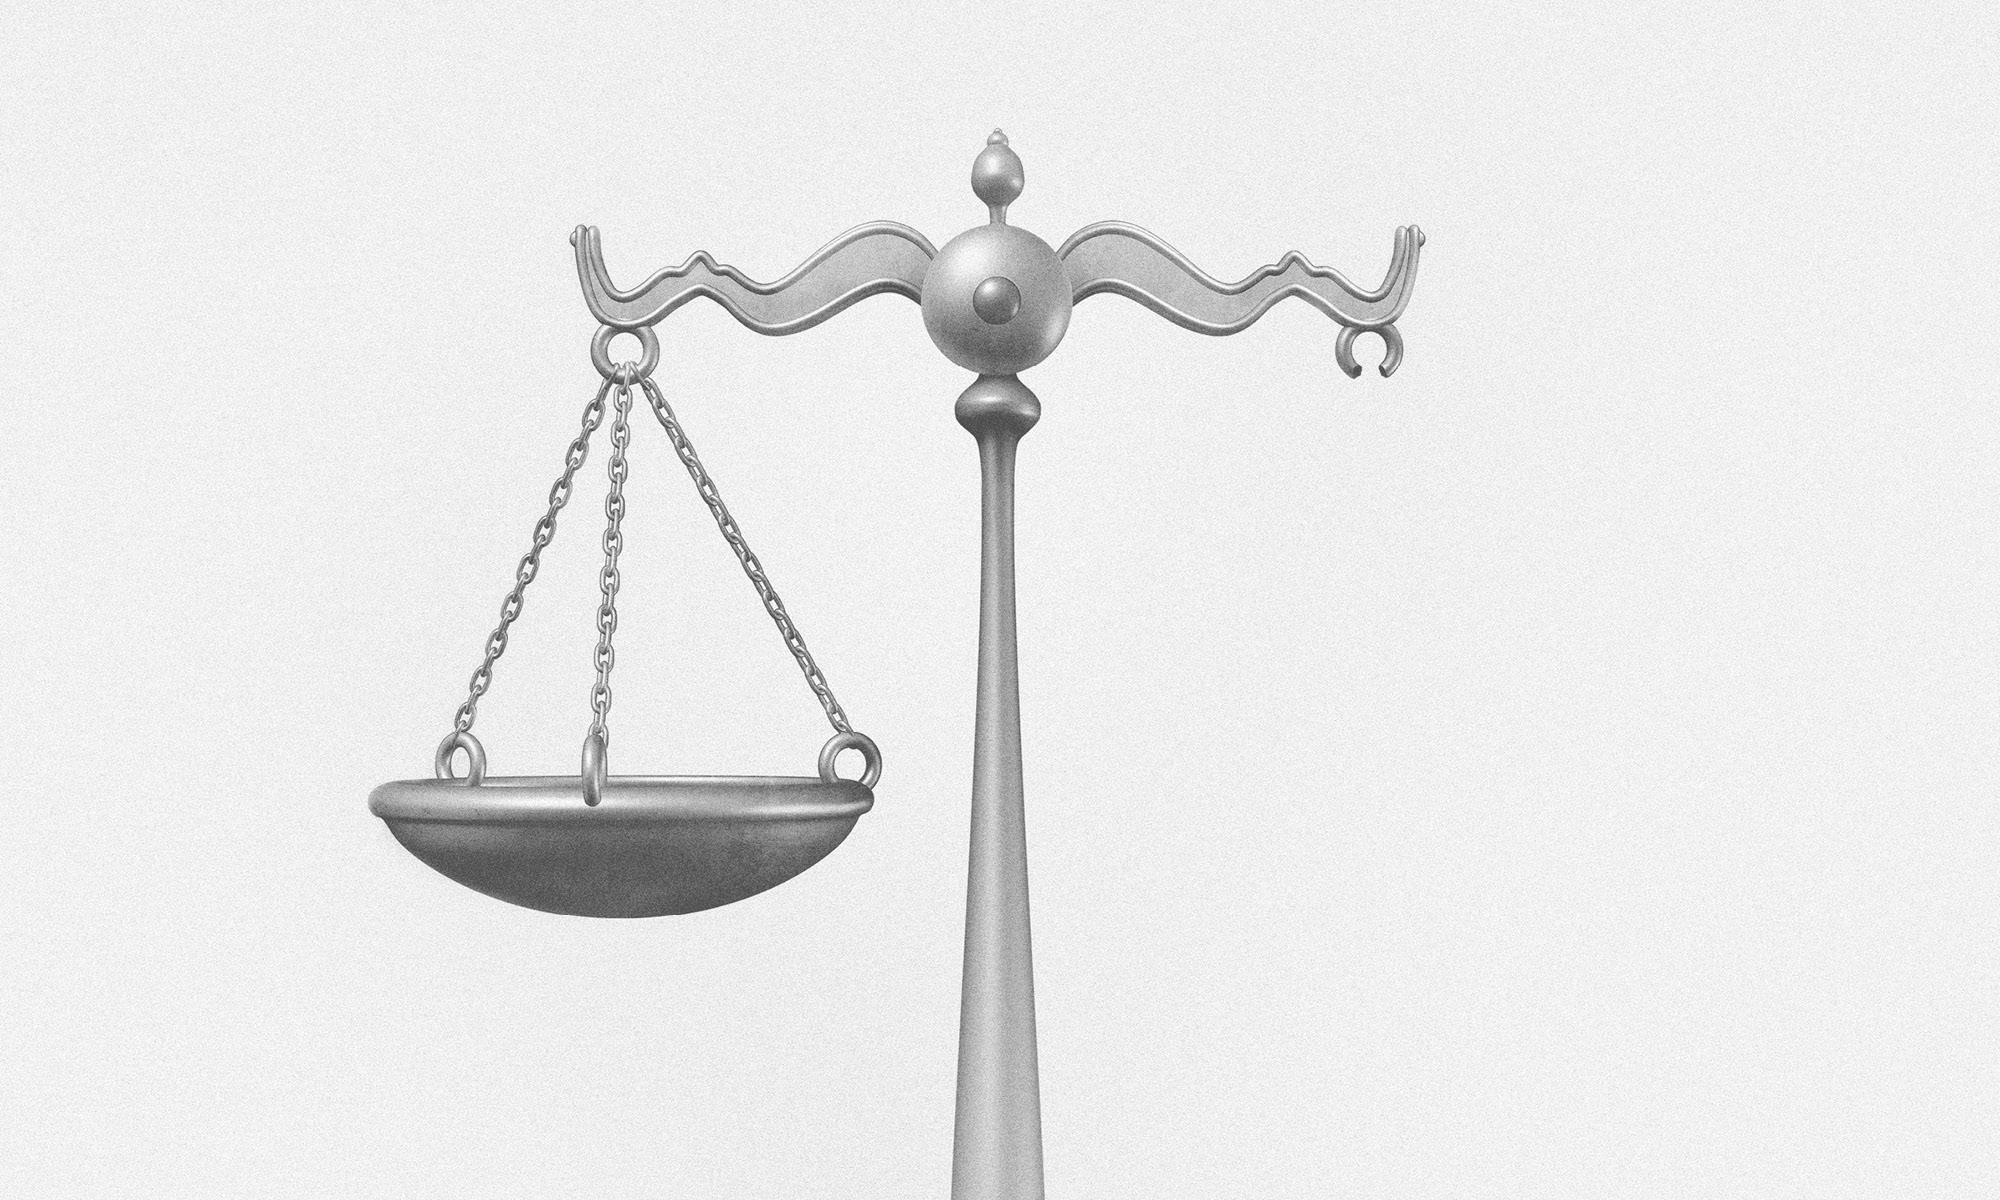 Das Versagen der Justiz